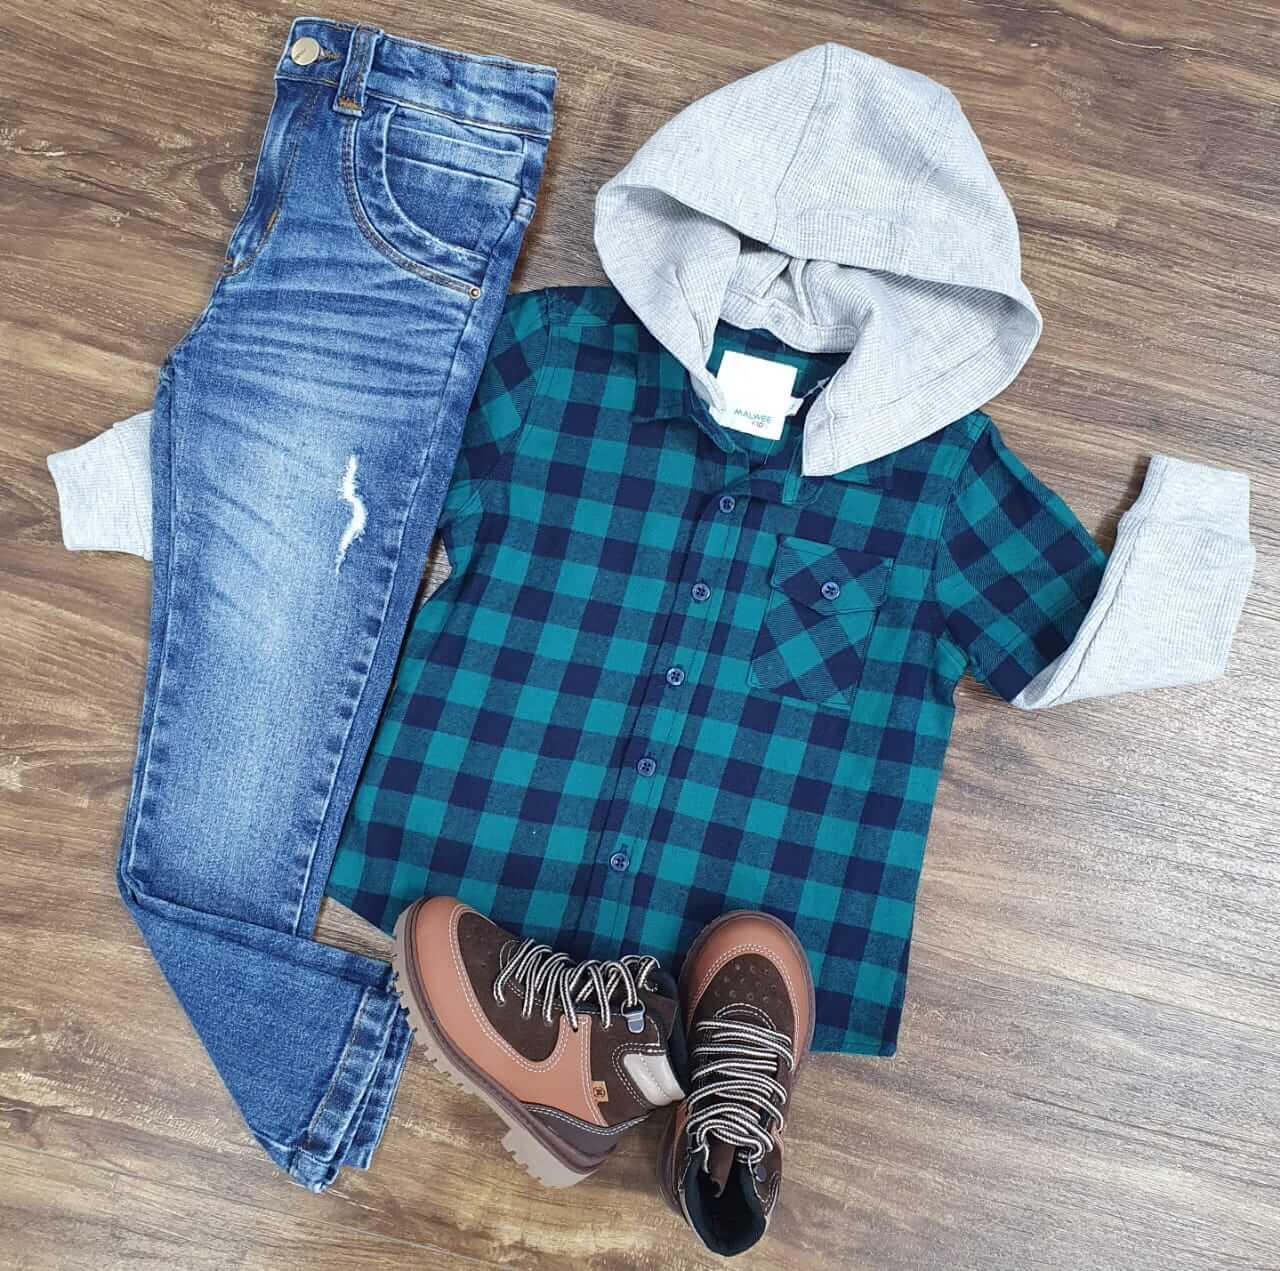 Calça Jeans com Camisa Xadrez com Capuz Infantil